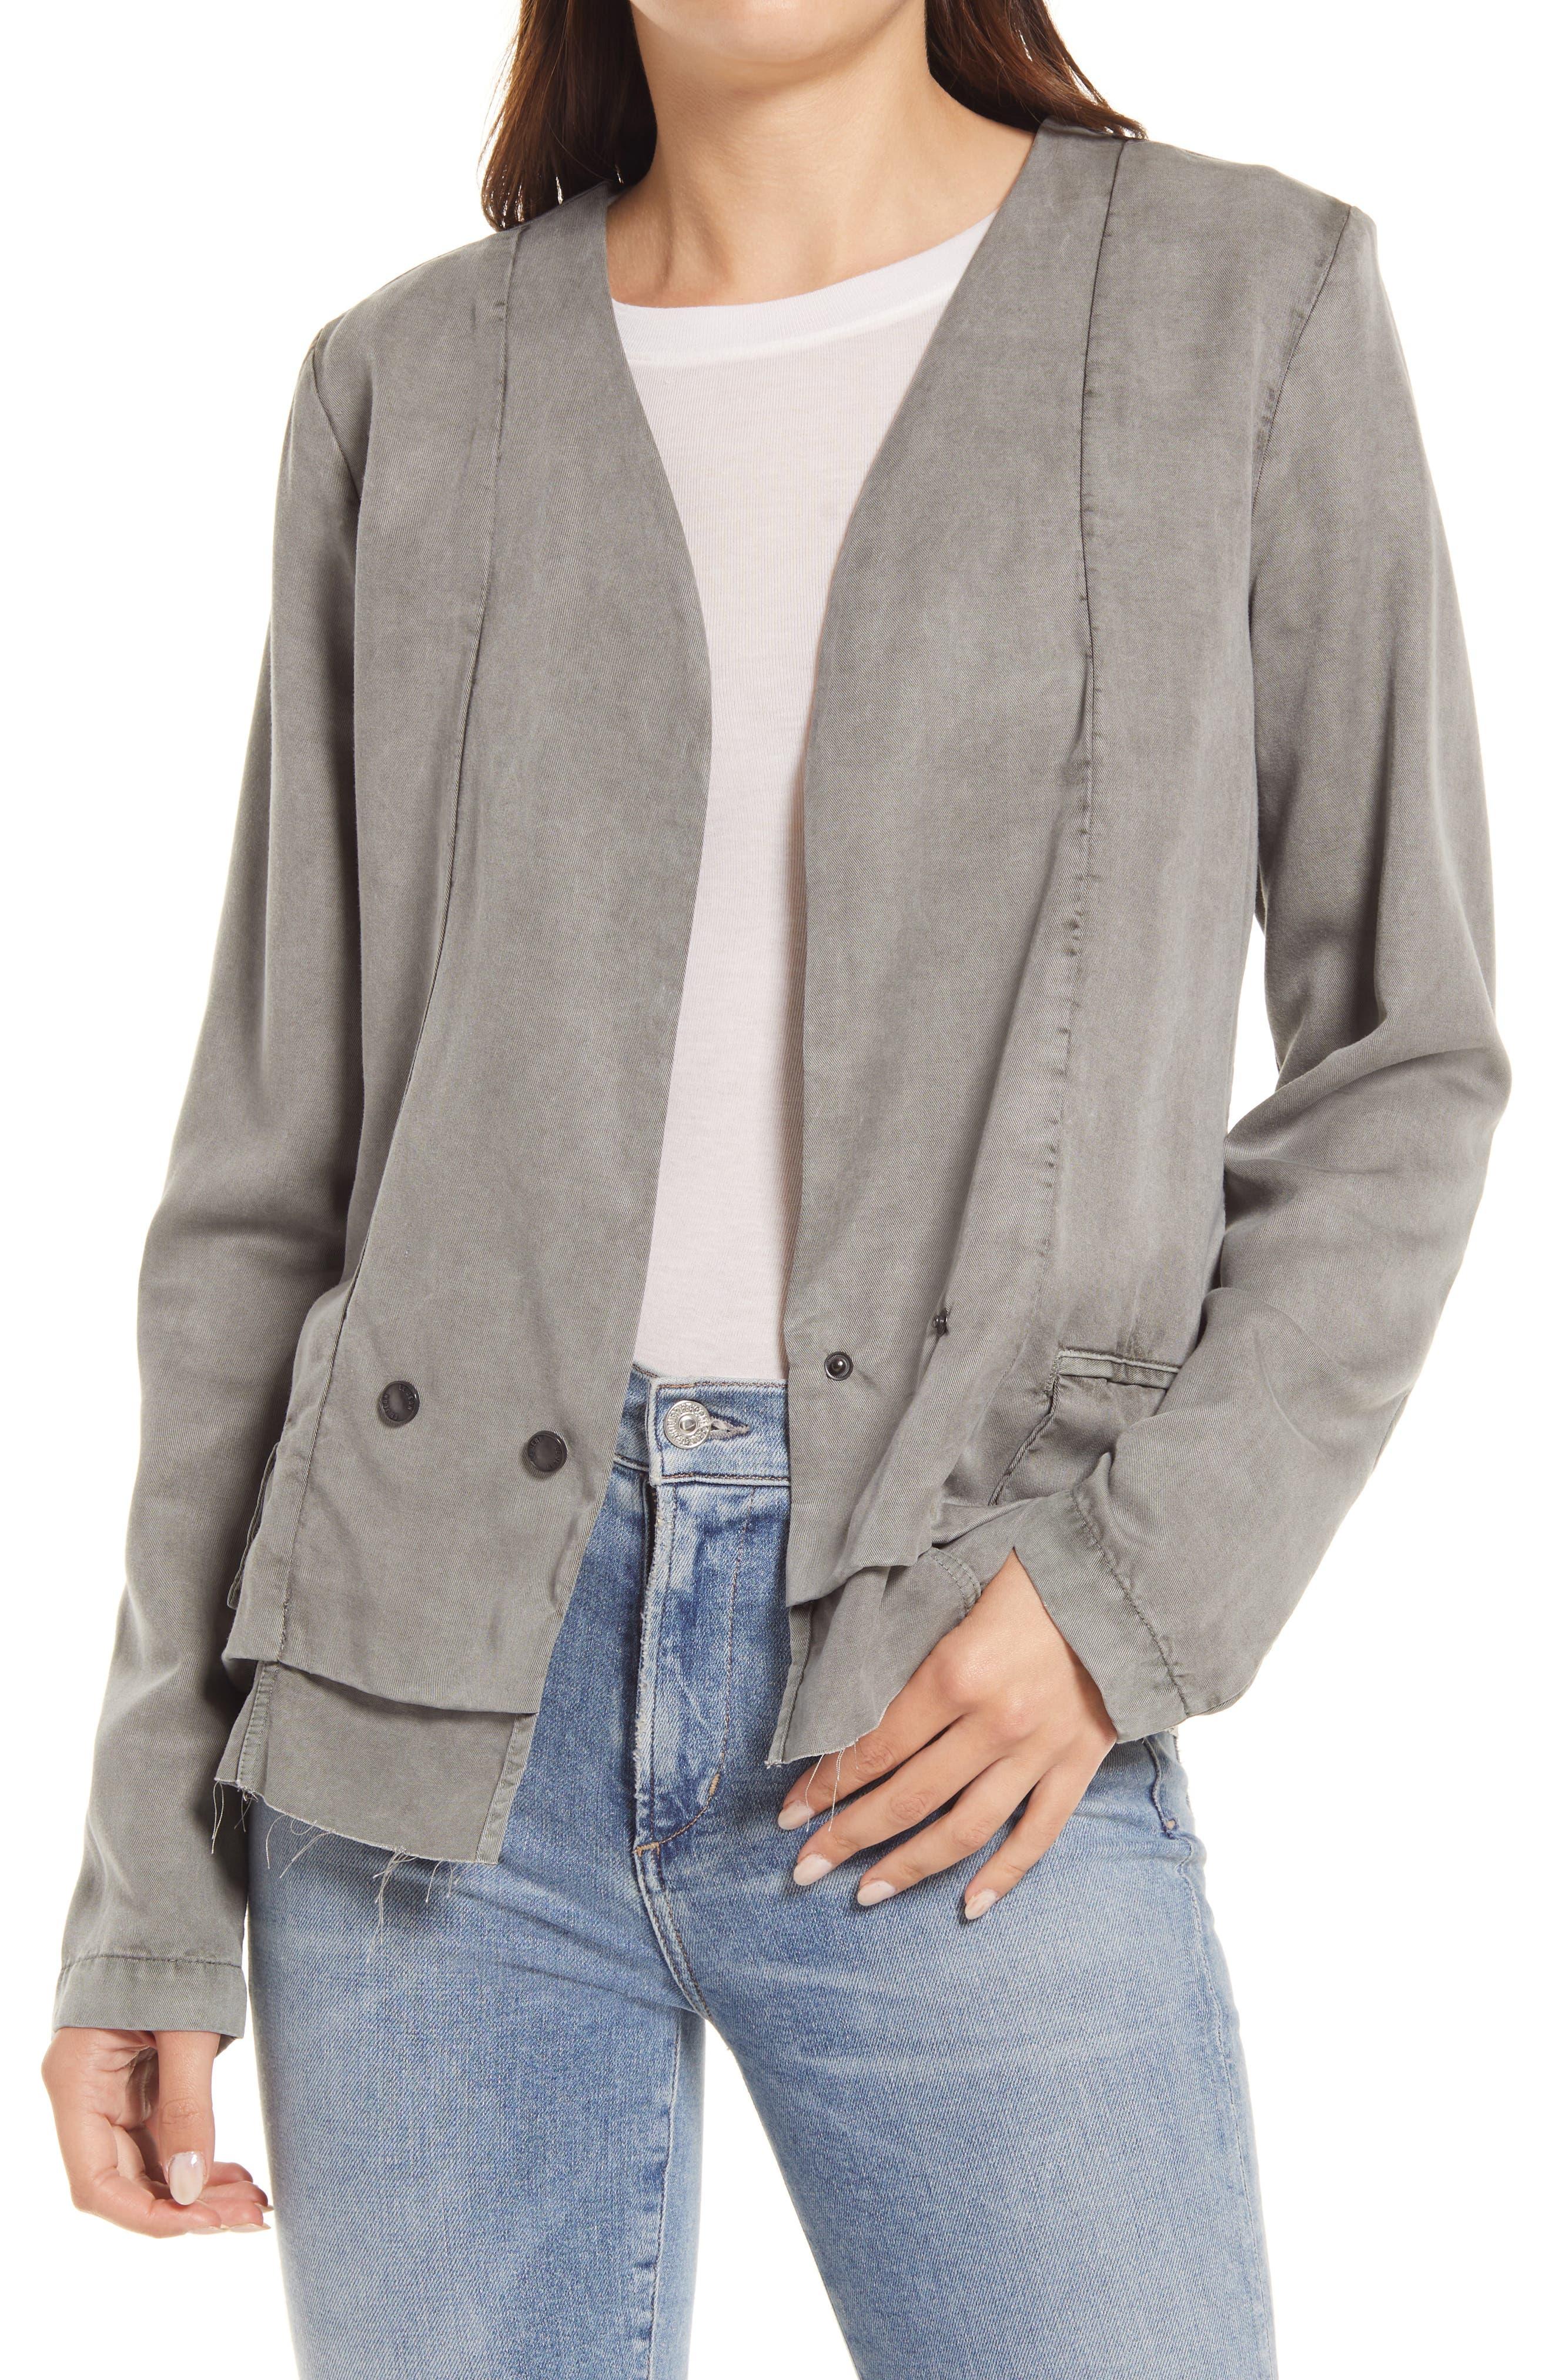 Aubrey Military Jacket